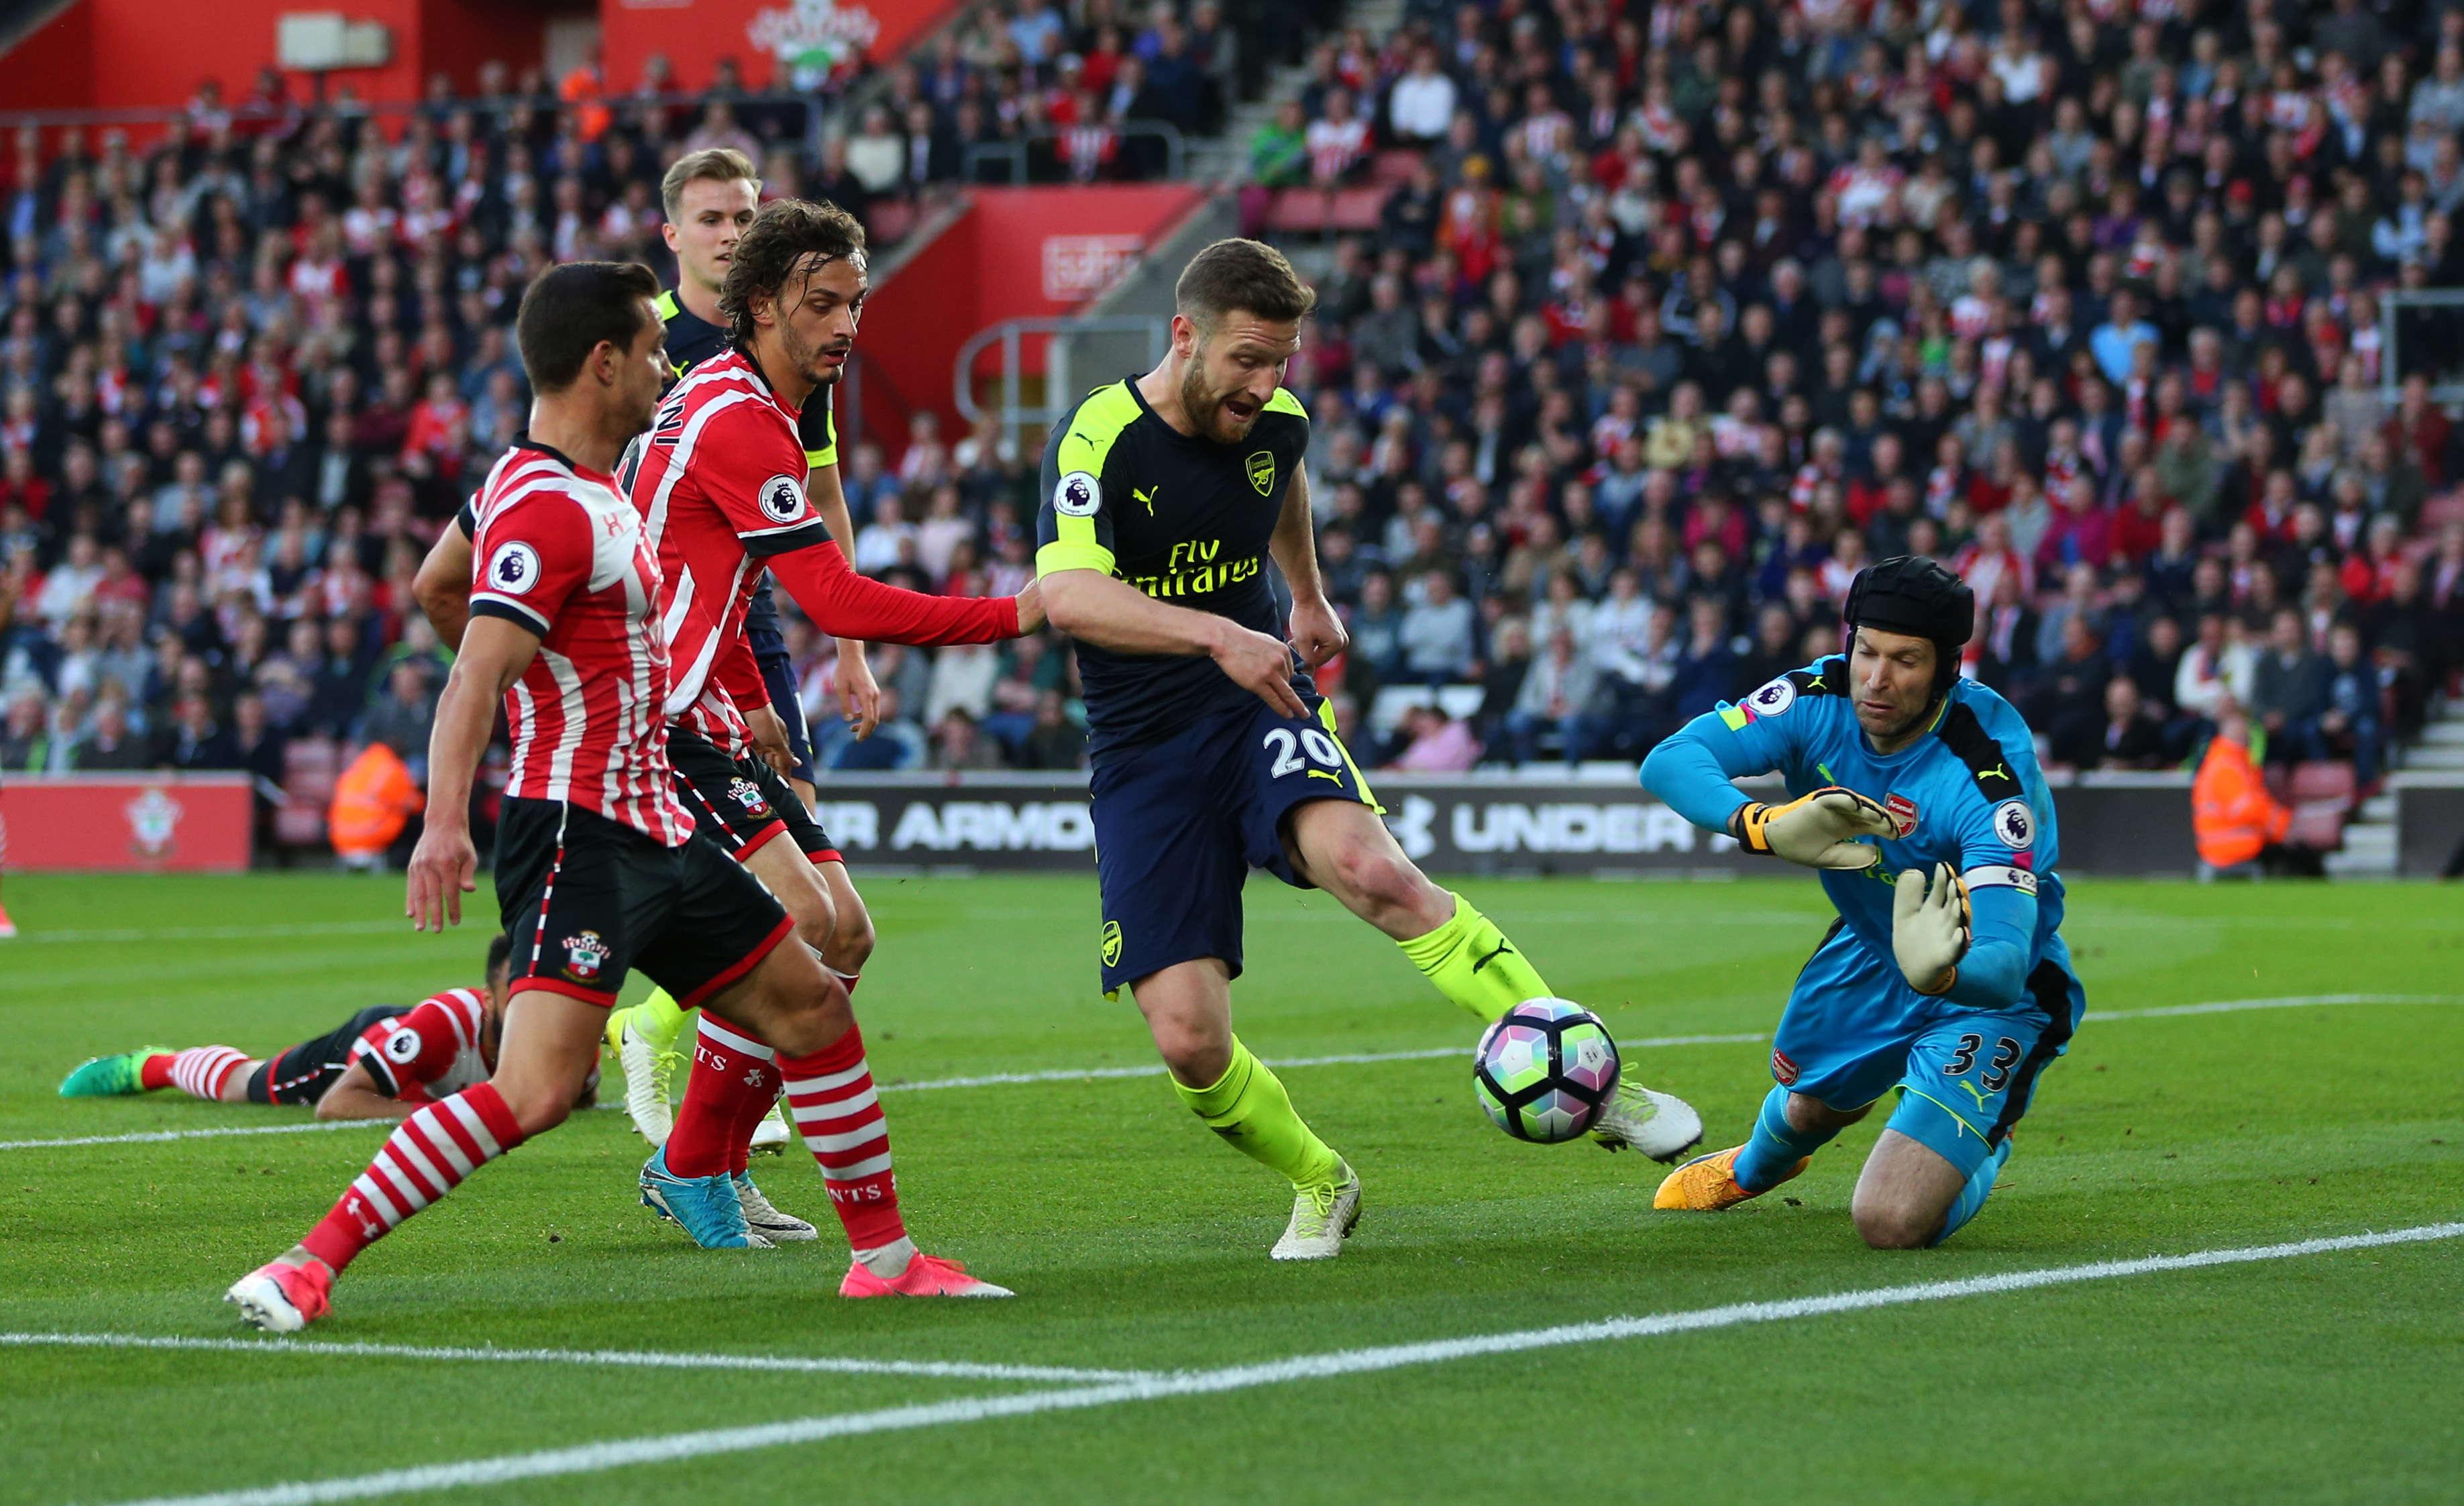 Arsenal vs Stoke City ngày 19/8/2017 vòng 2 giải Ngoại Hạng Anh